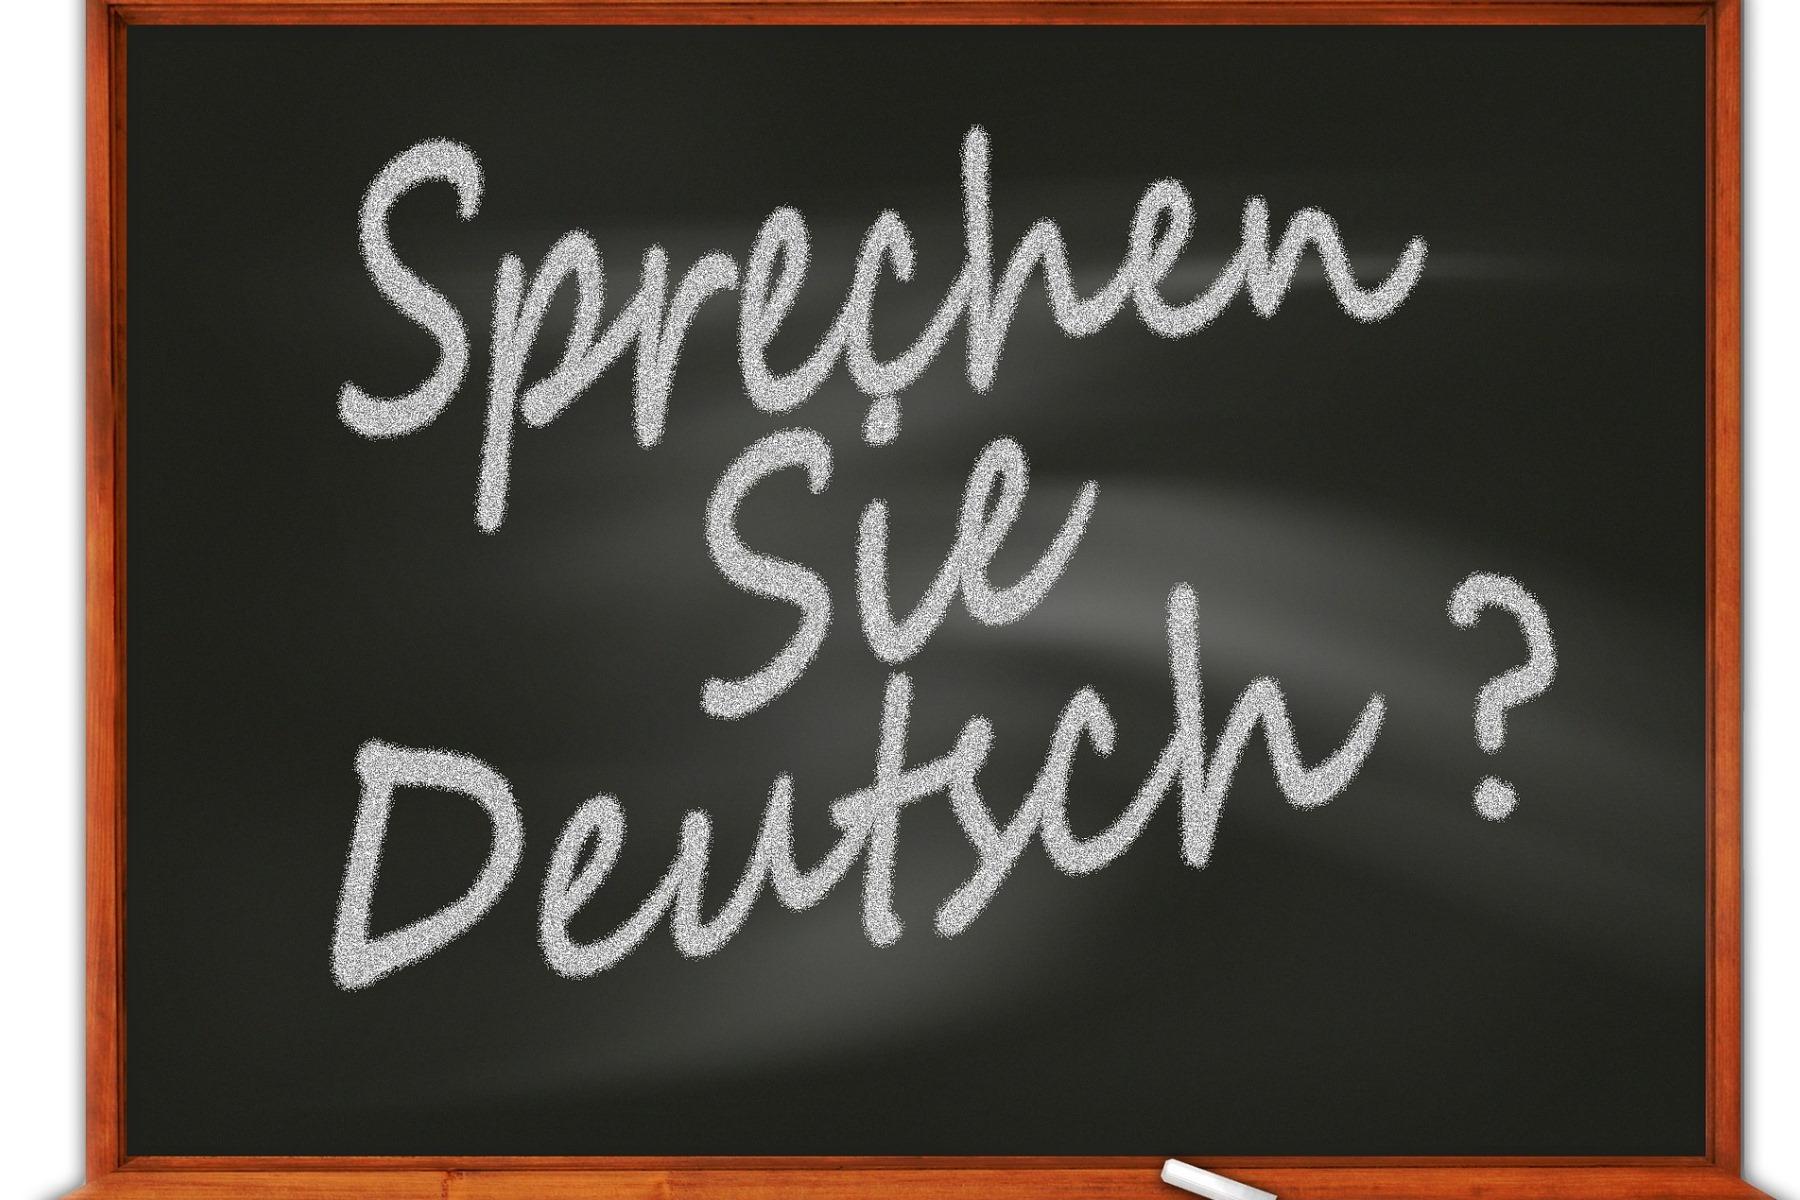 Beschlussantrag – Schaffung einer handlungsstarken Sprachenstelle | Angenommen✅